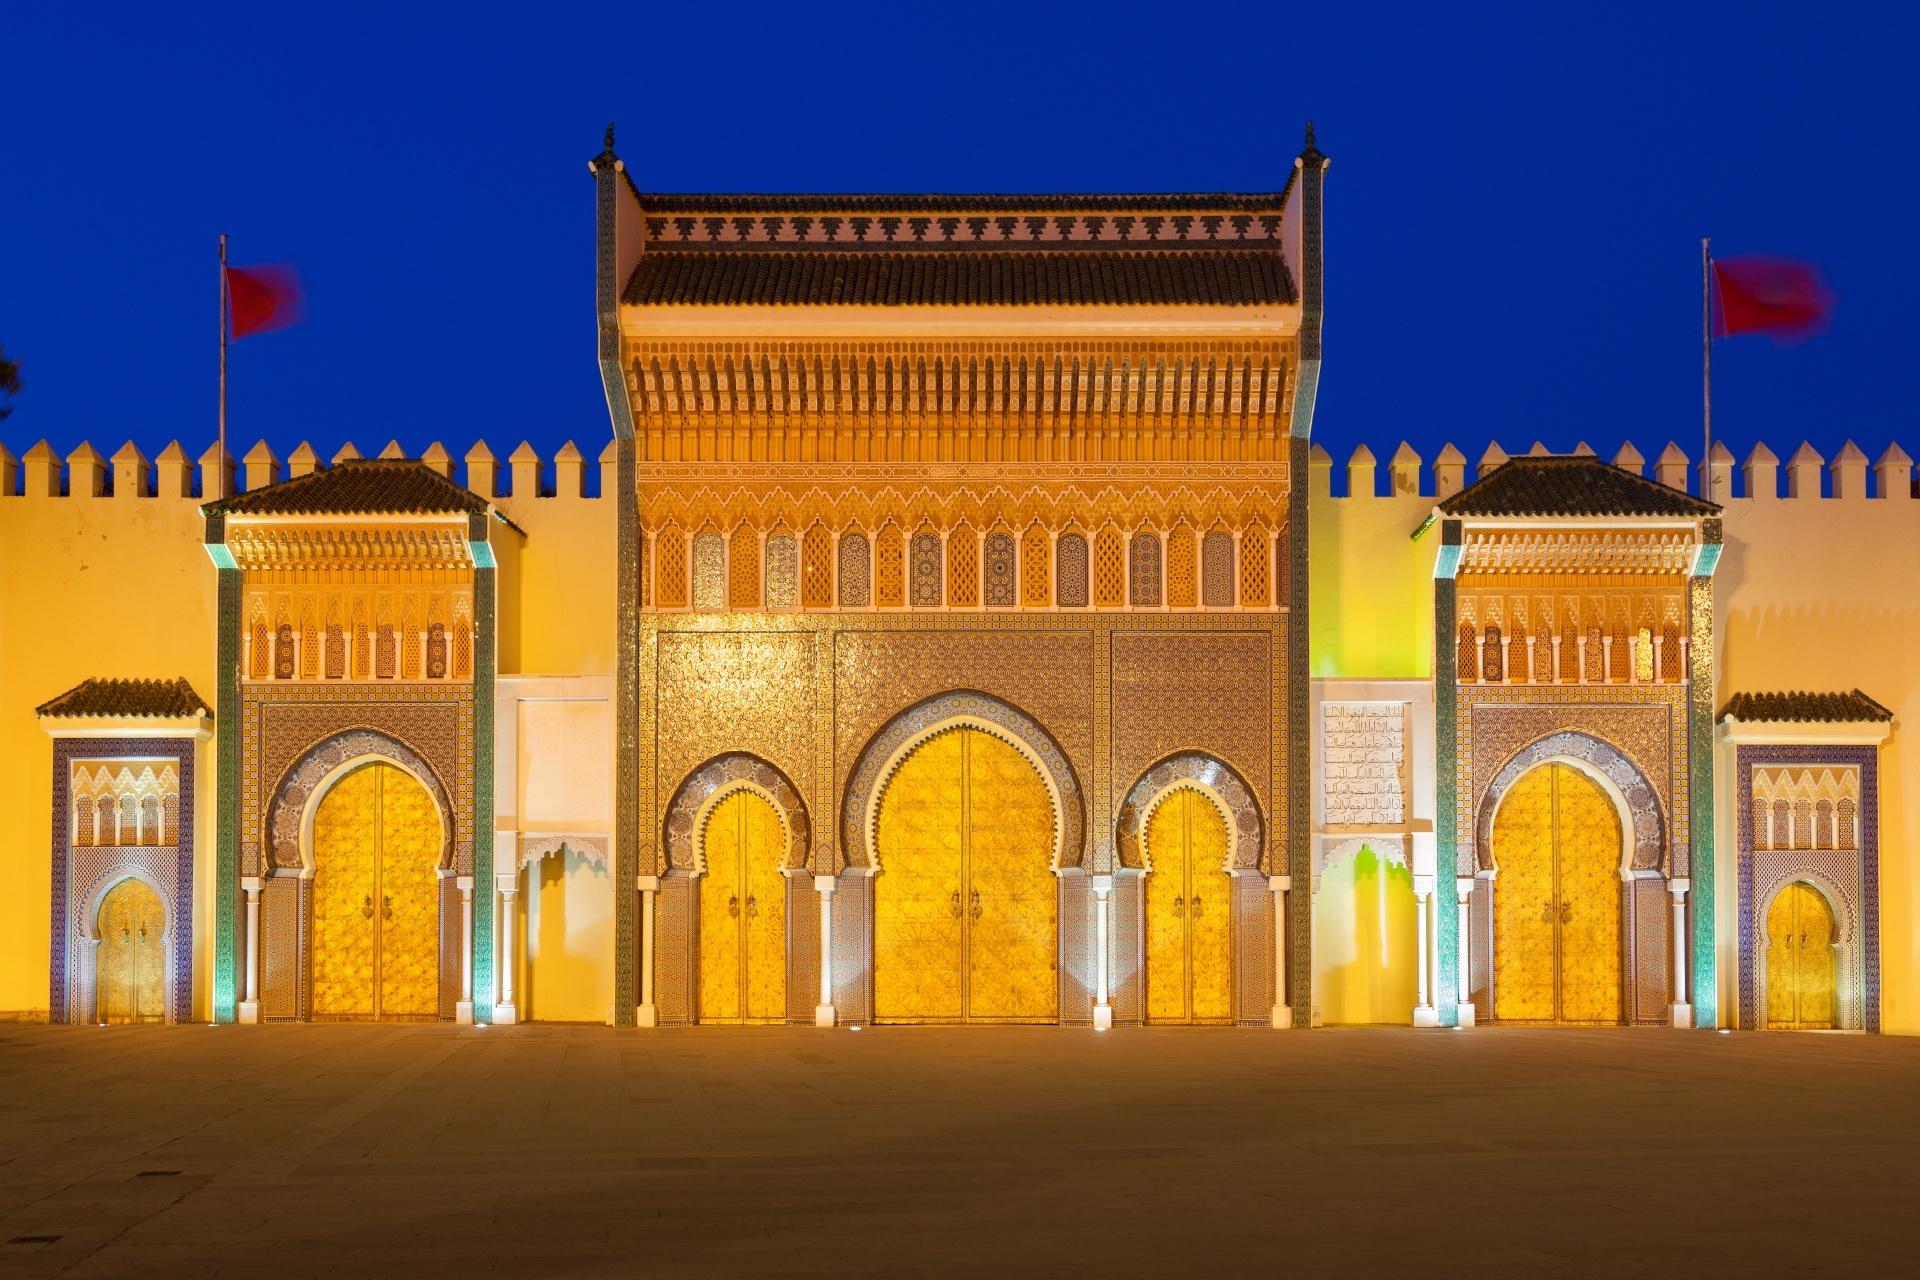 モロッコ 夜のフェズの王宮